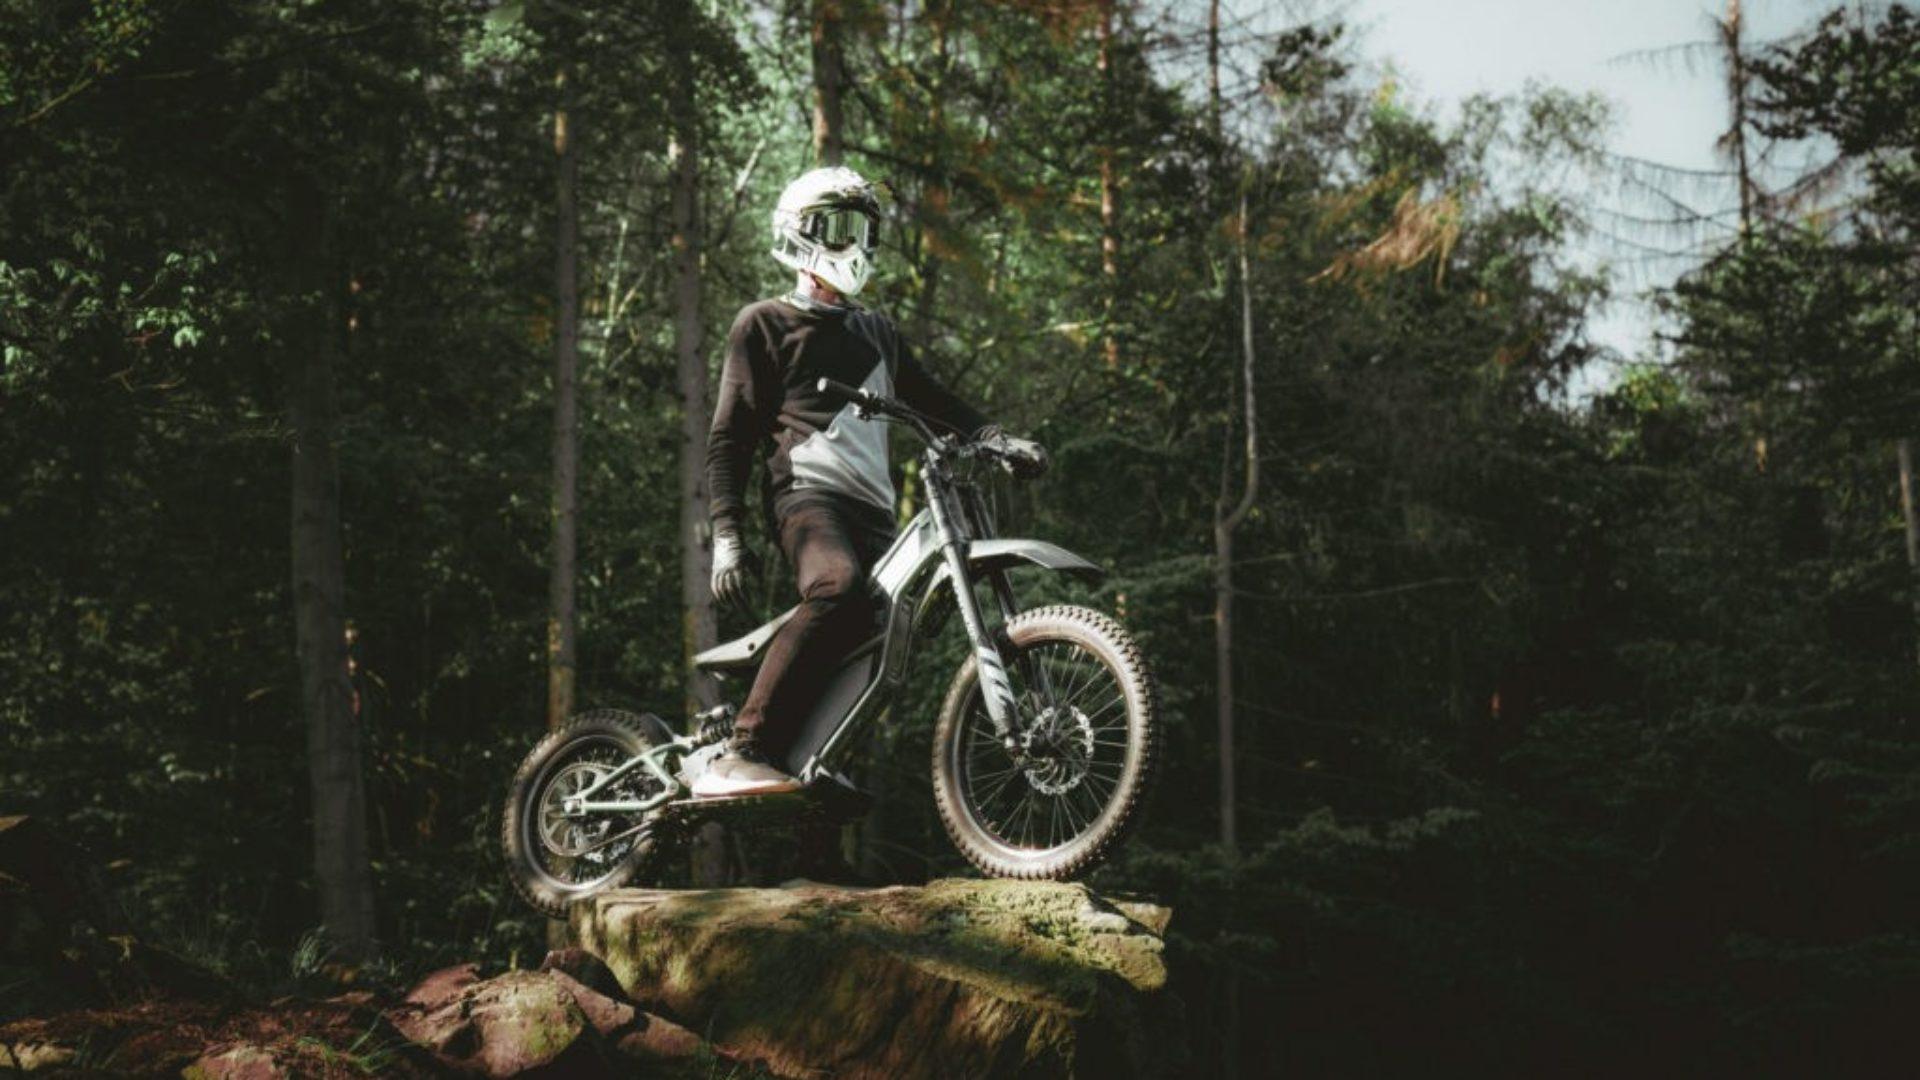 Finanzierung & Versicherung von Kuberg Motorrädern